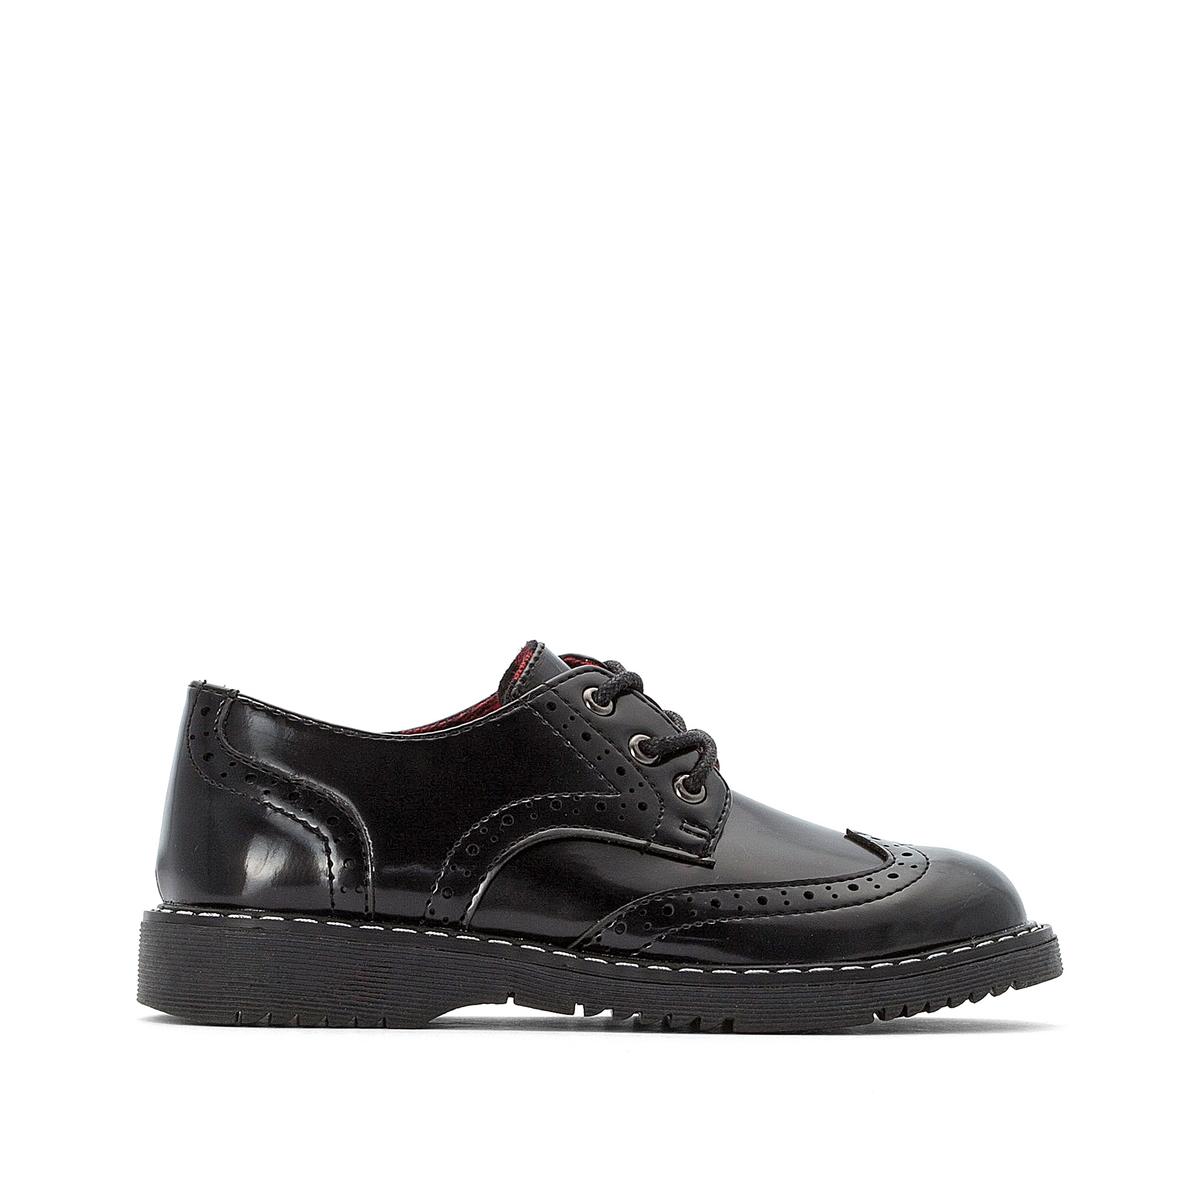 цена Ботинки-дерби La Redoute На шнуровке - 26 черный онлайн в 2017 году